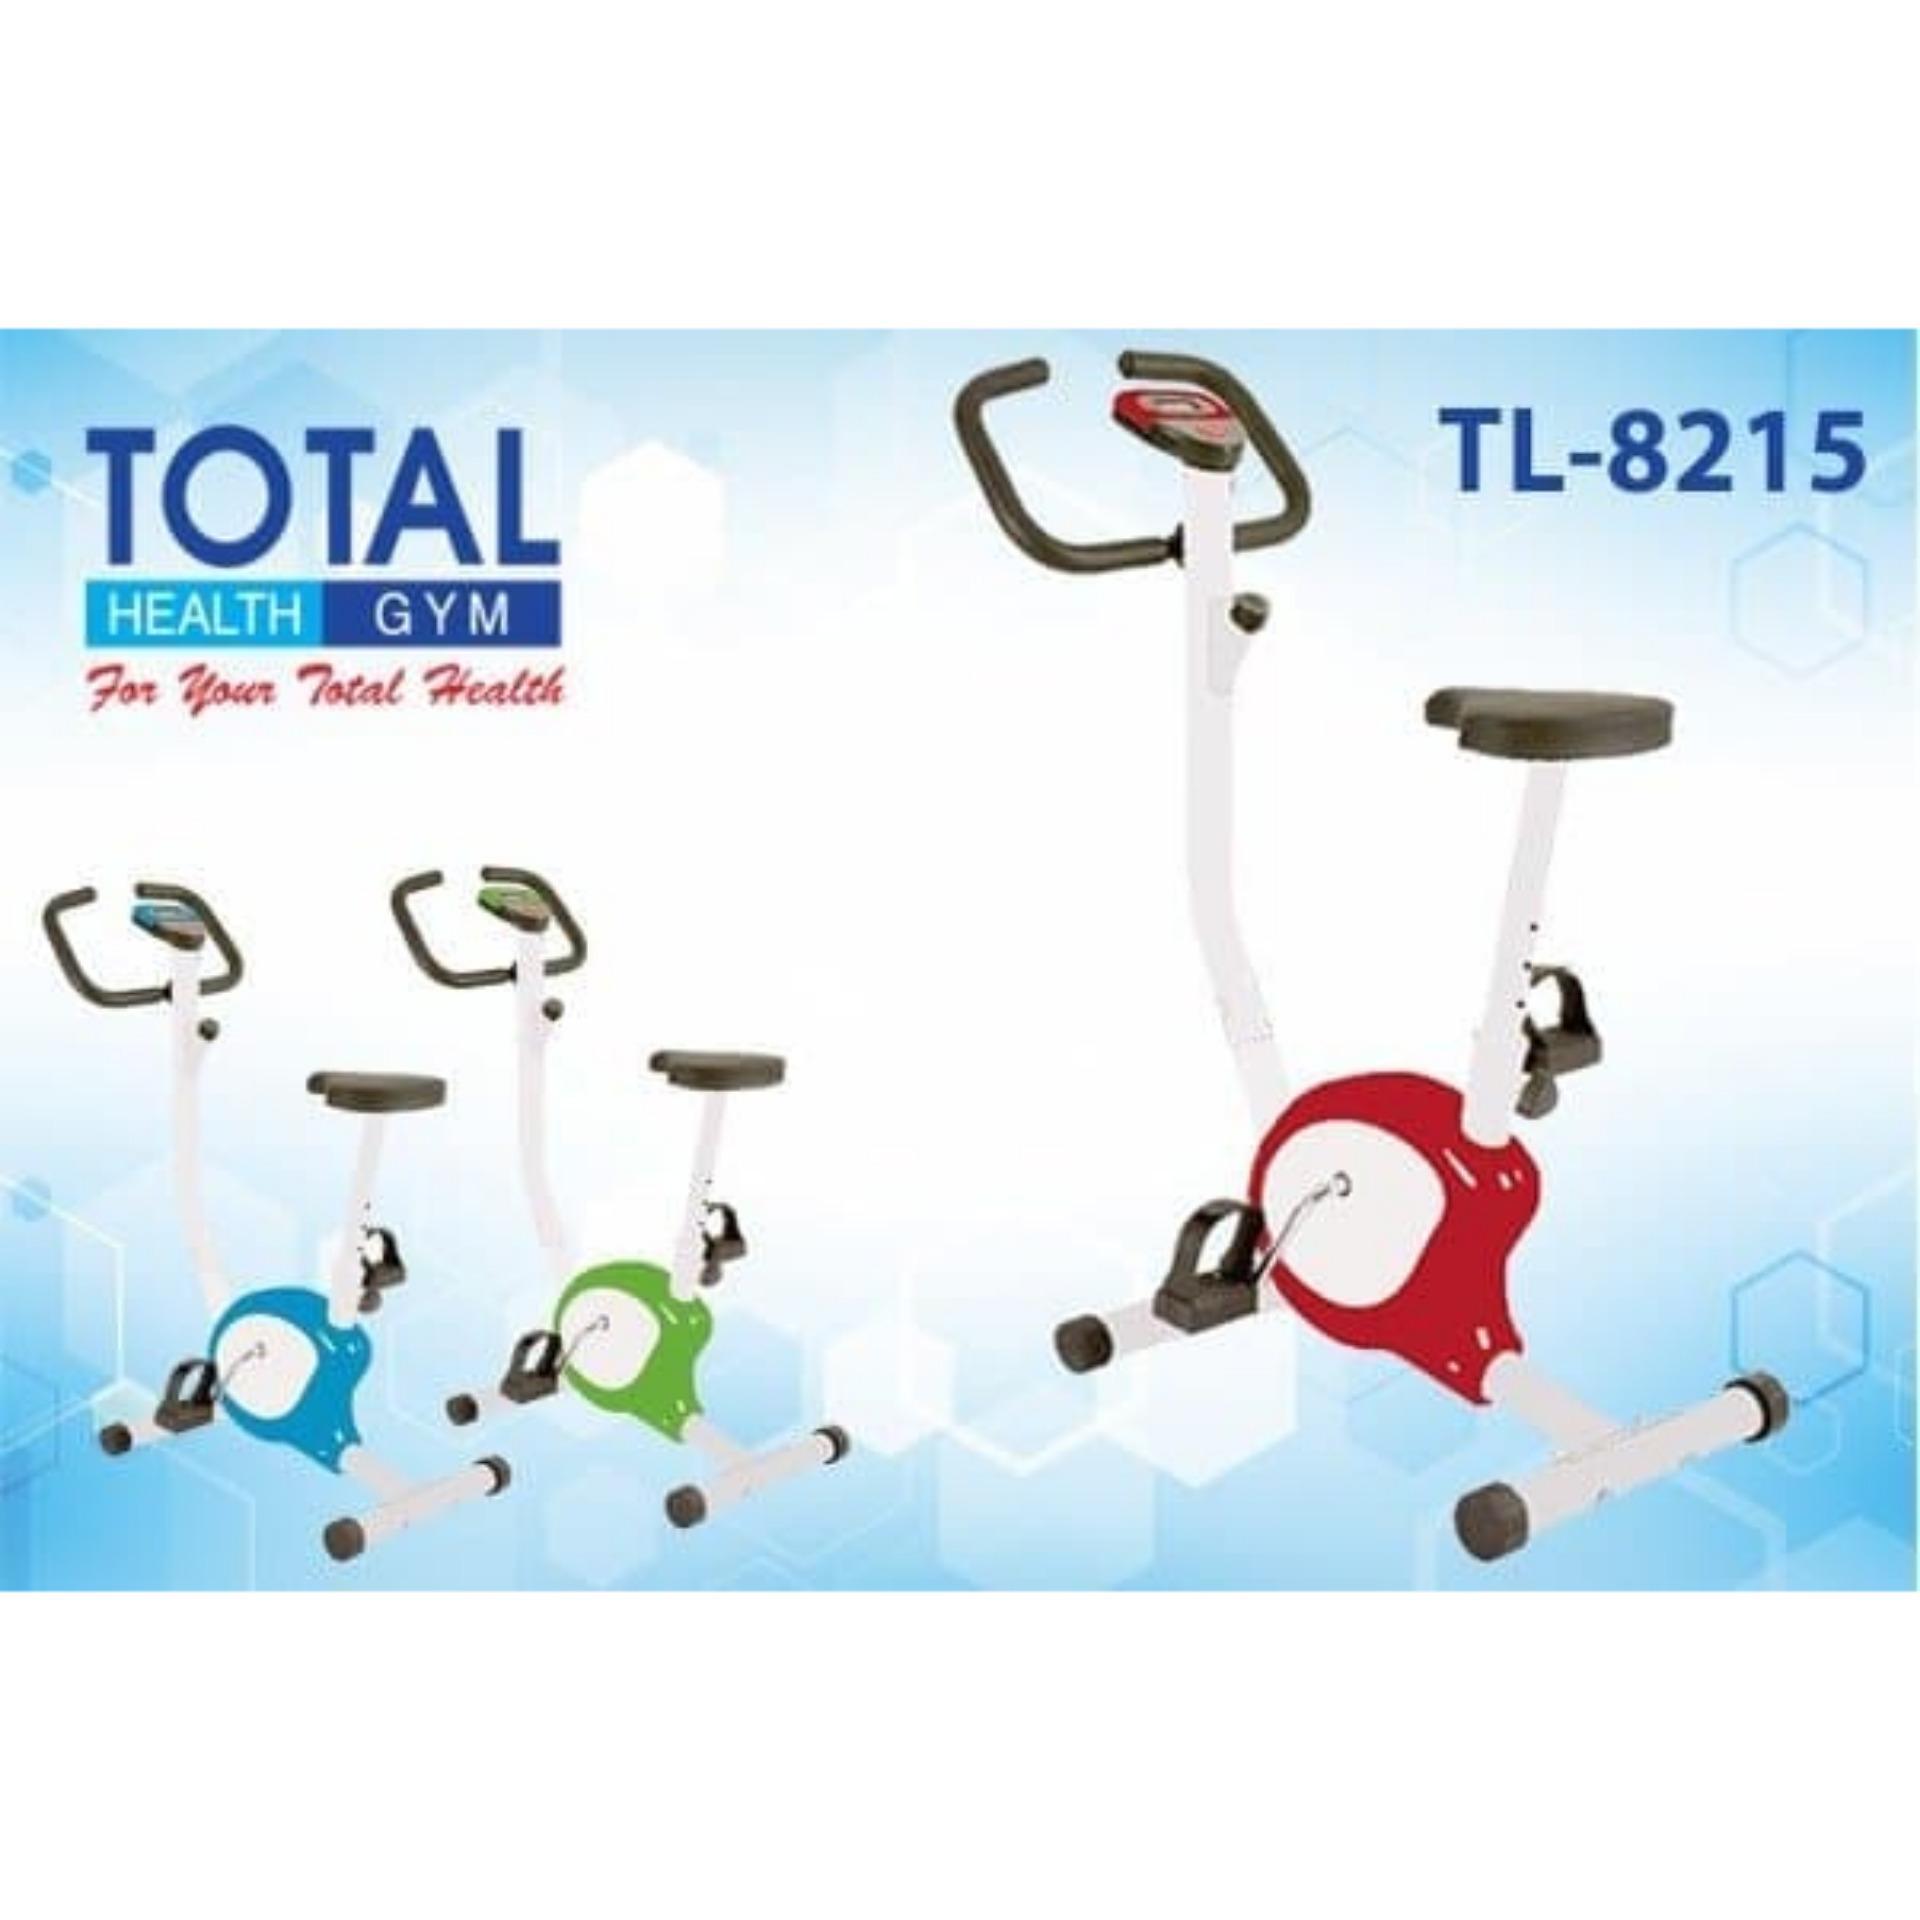 Peralatan Gym Untuk Di Rumah Jogging Plate Magnetic Trimmer Alat Olahraga Portable Exercise Bike Sepeda Statis Belt Fitnes Murah